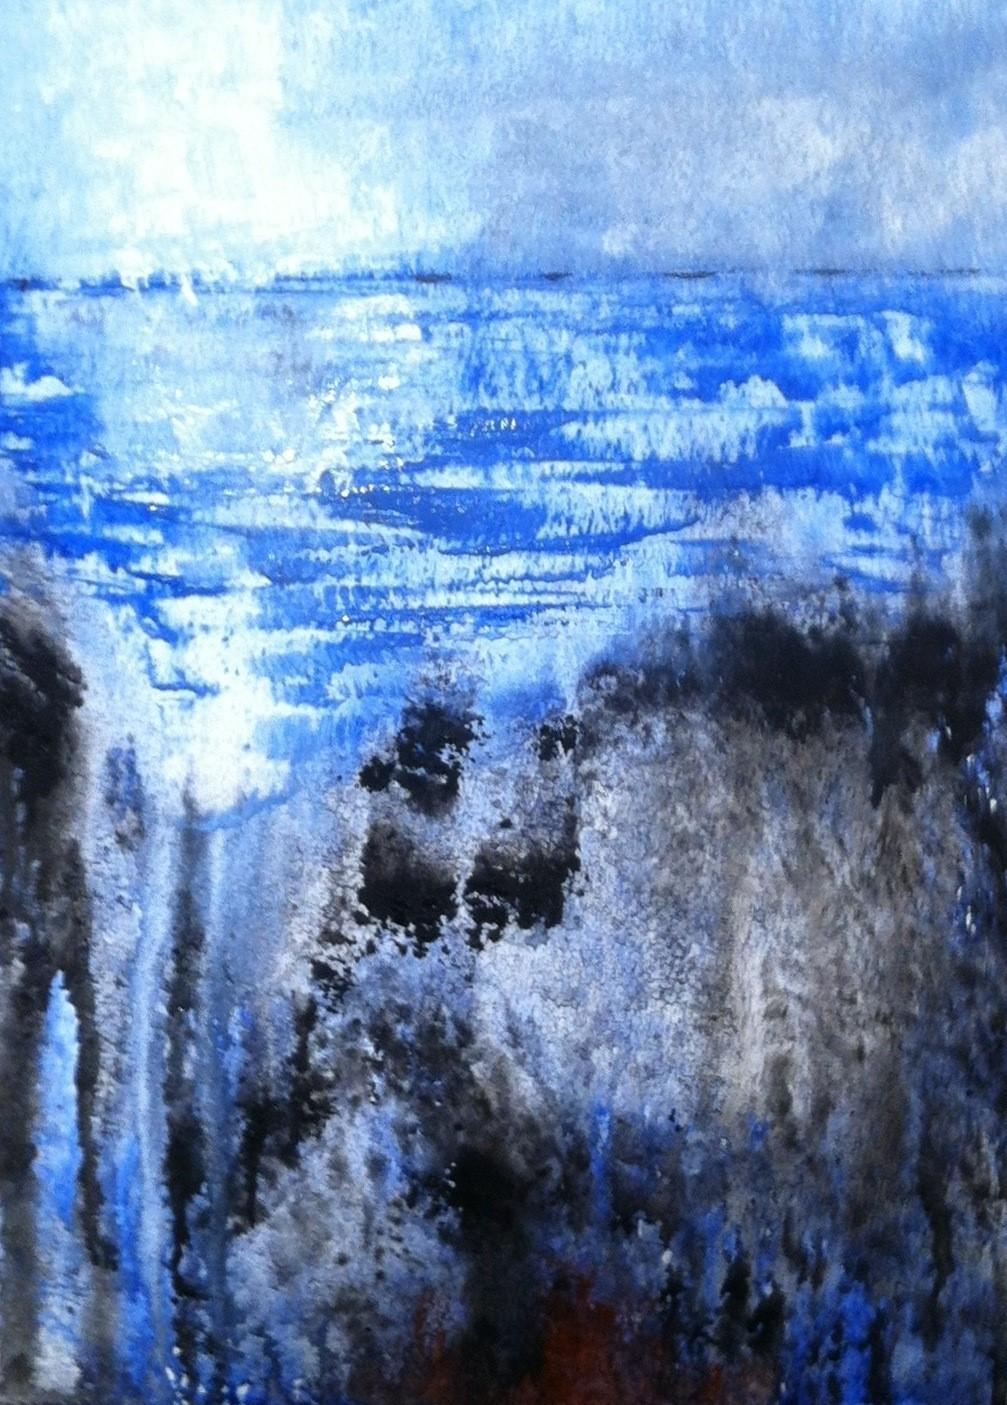 N°907 - Abyme - Acrylique sur papier - 38 x 27,5 cm - 9 décembre 2013